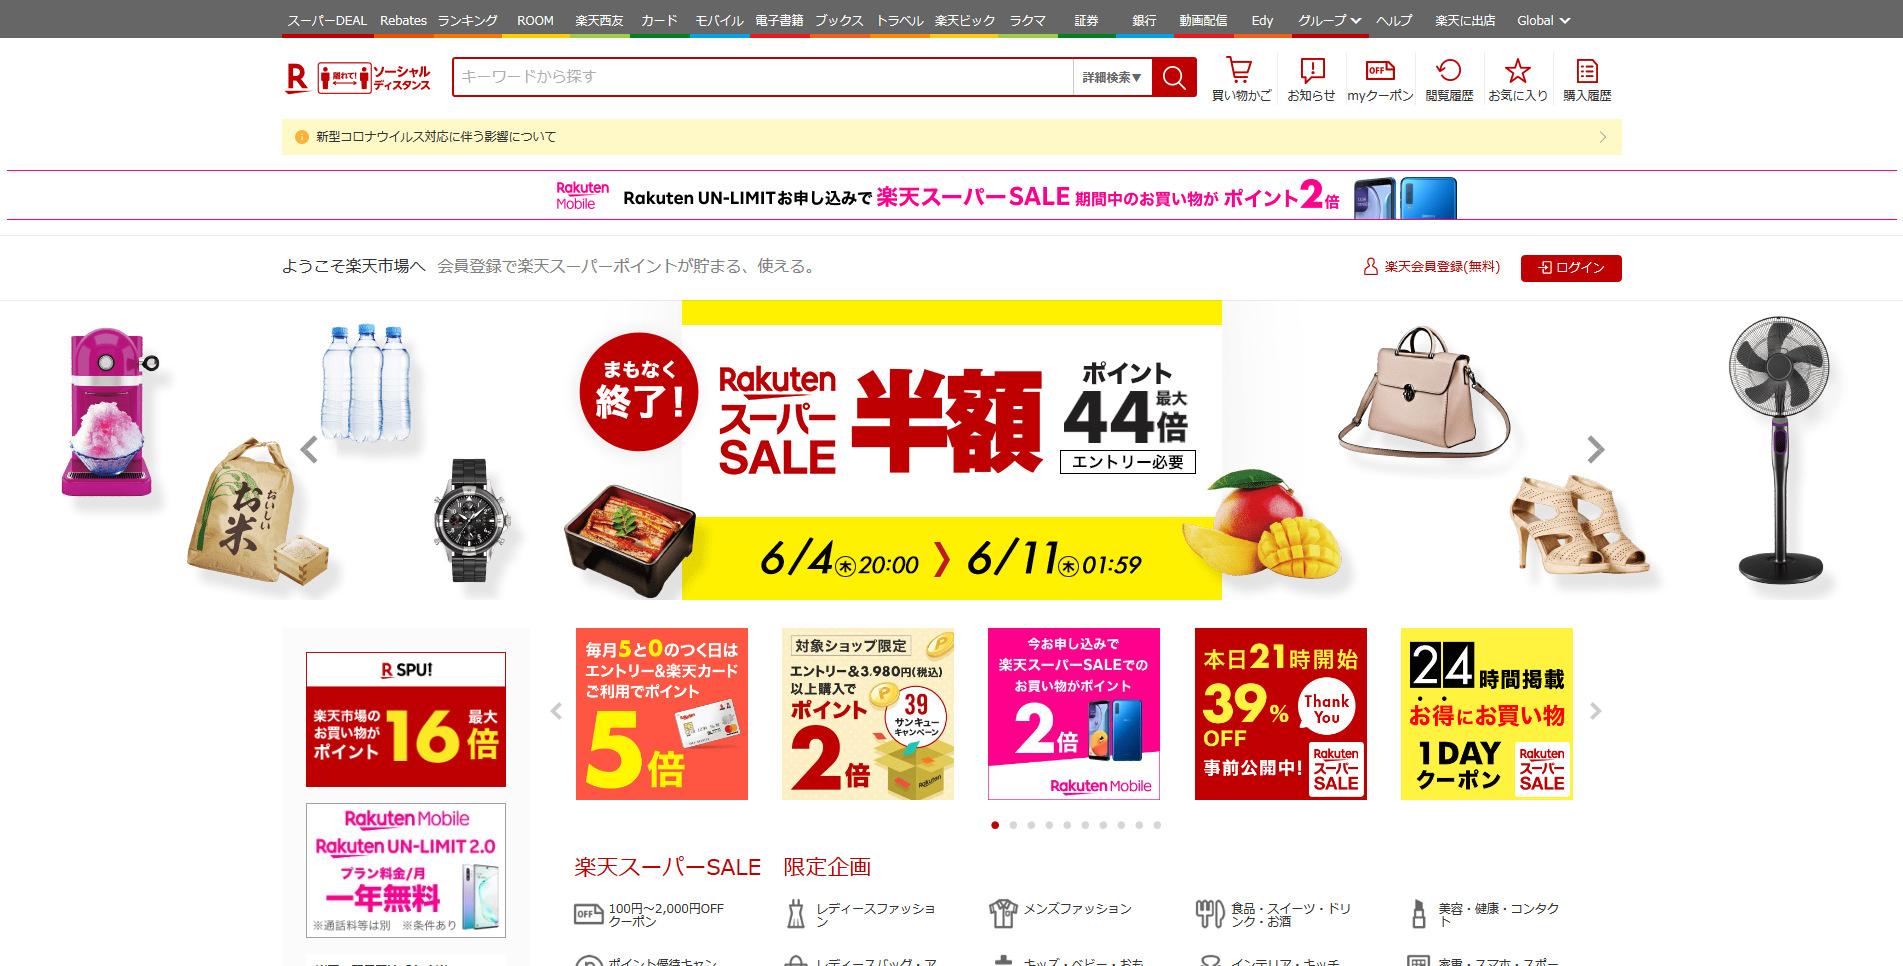 日本最大級のモール型ECサイト